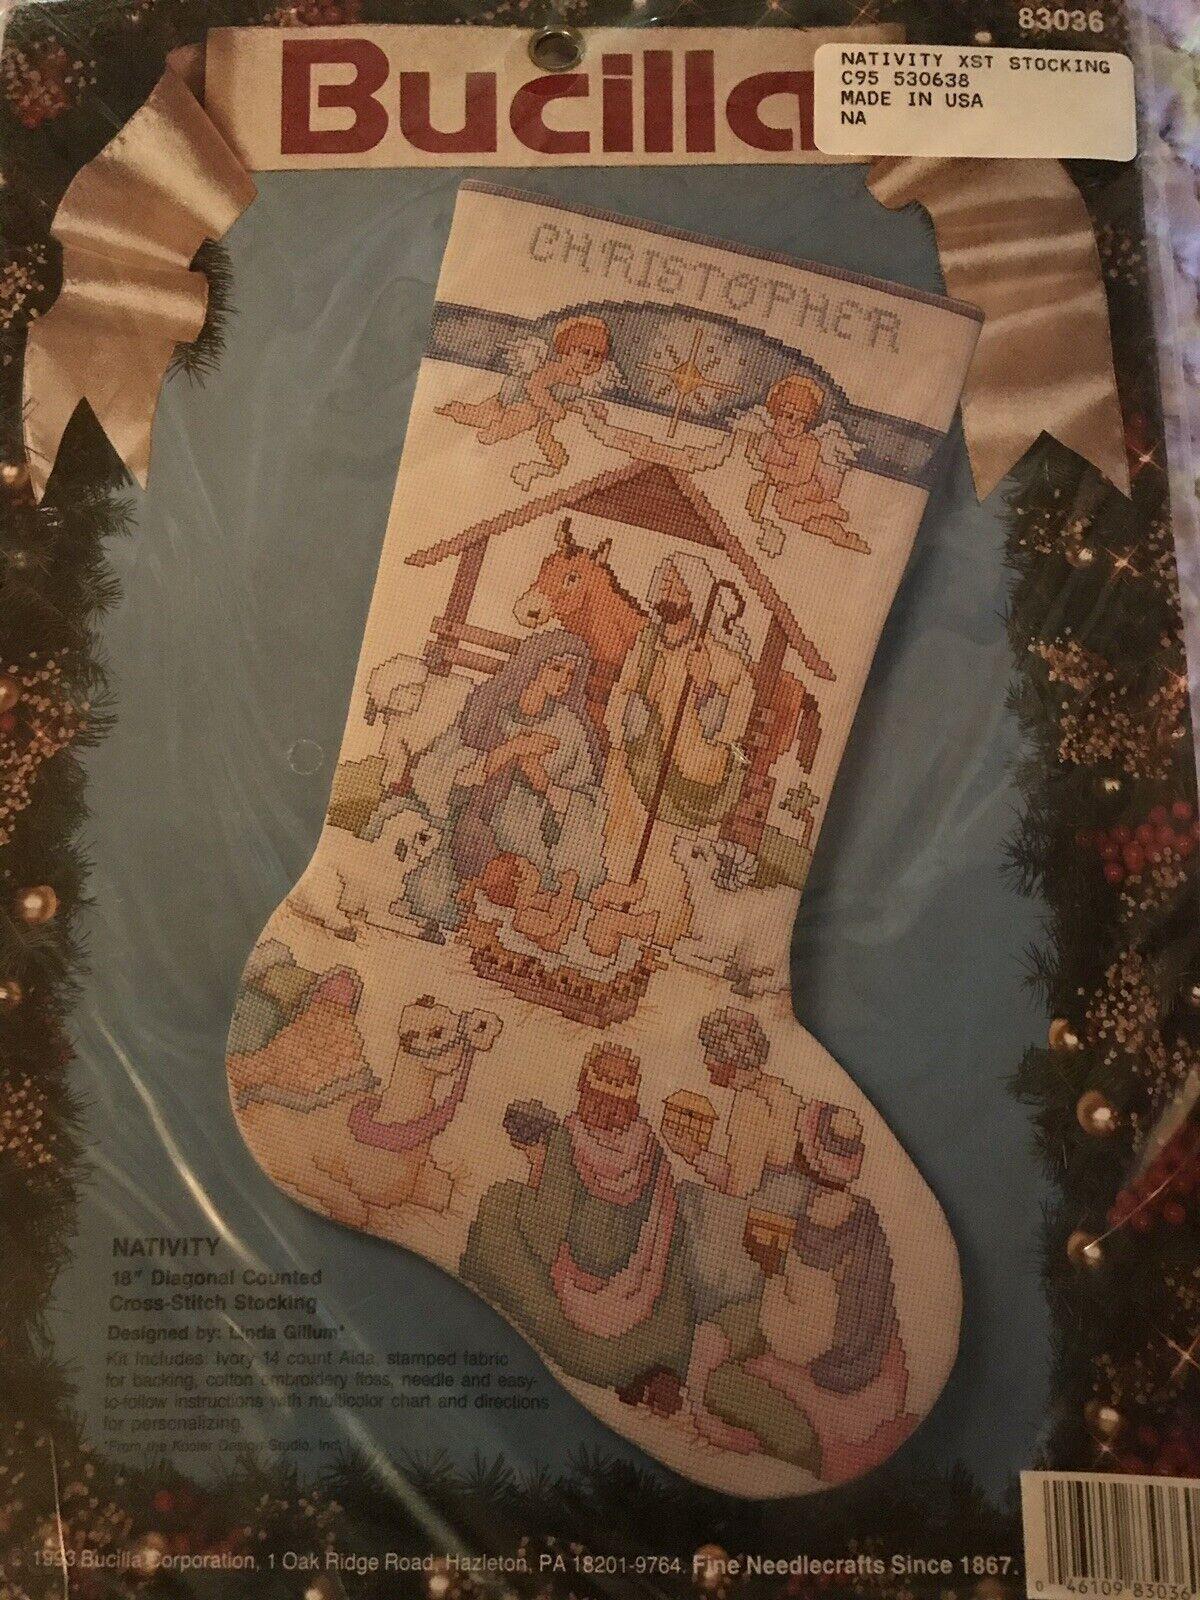 BUCILLA Nativity CHRISTMAS STOCKING Counted Cross Stitch Kit